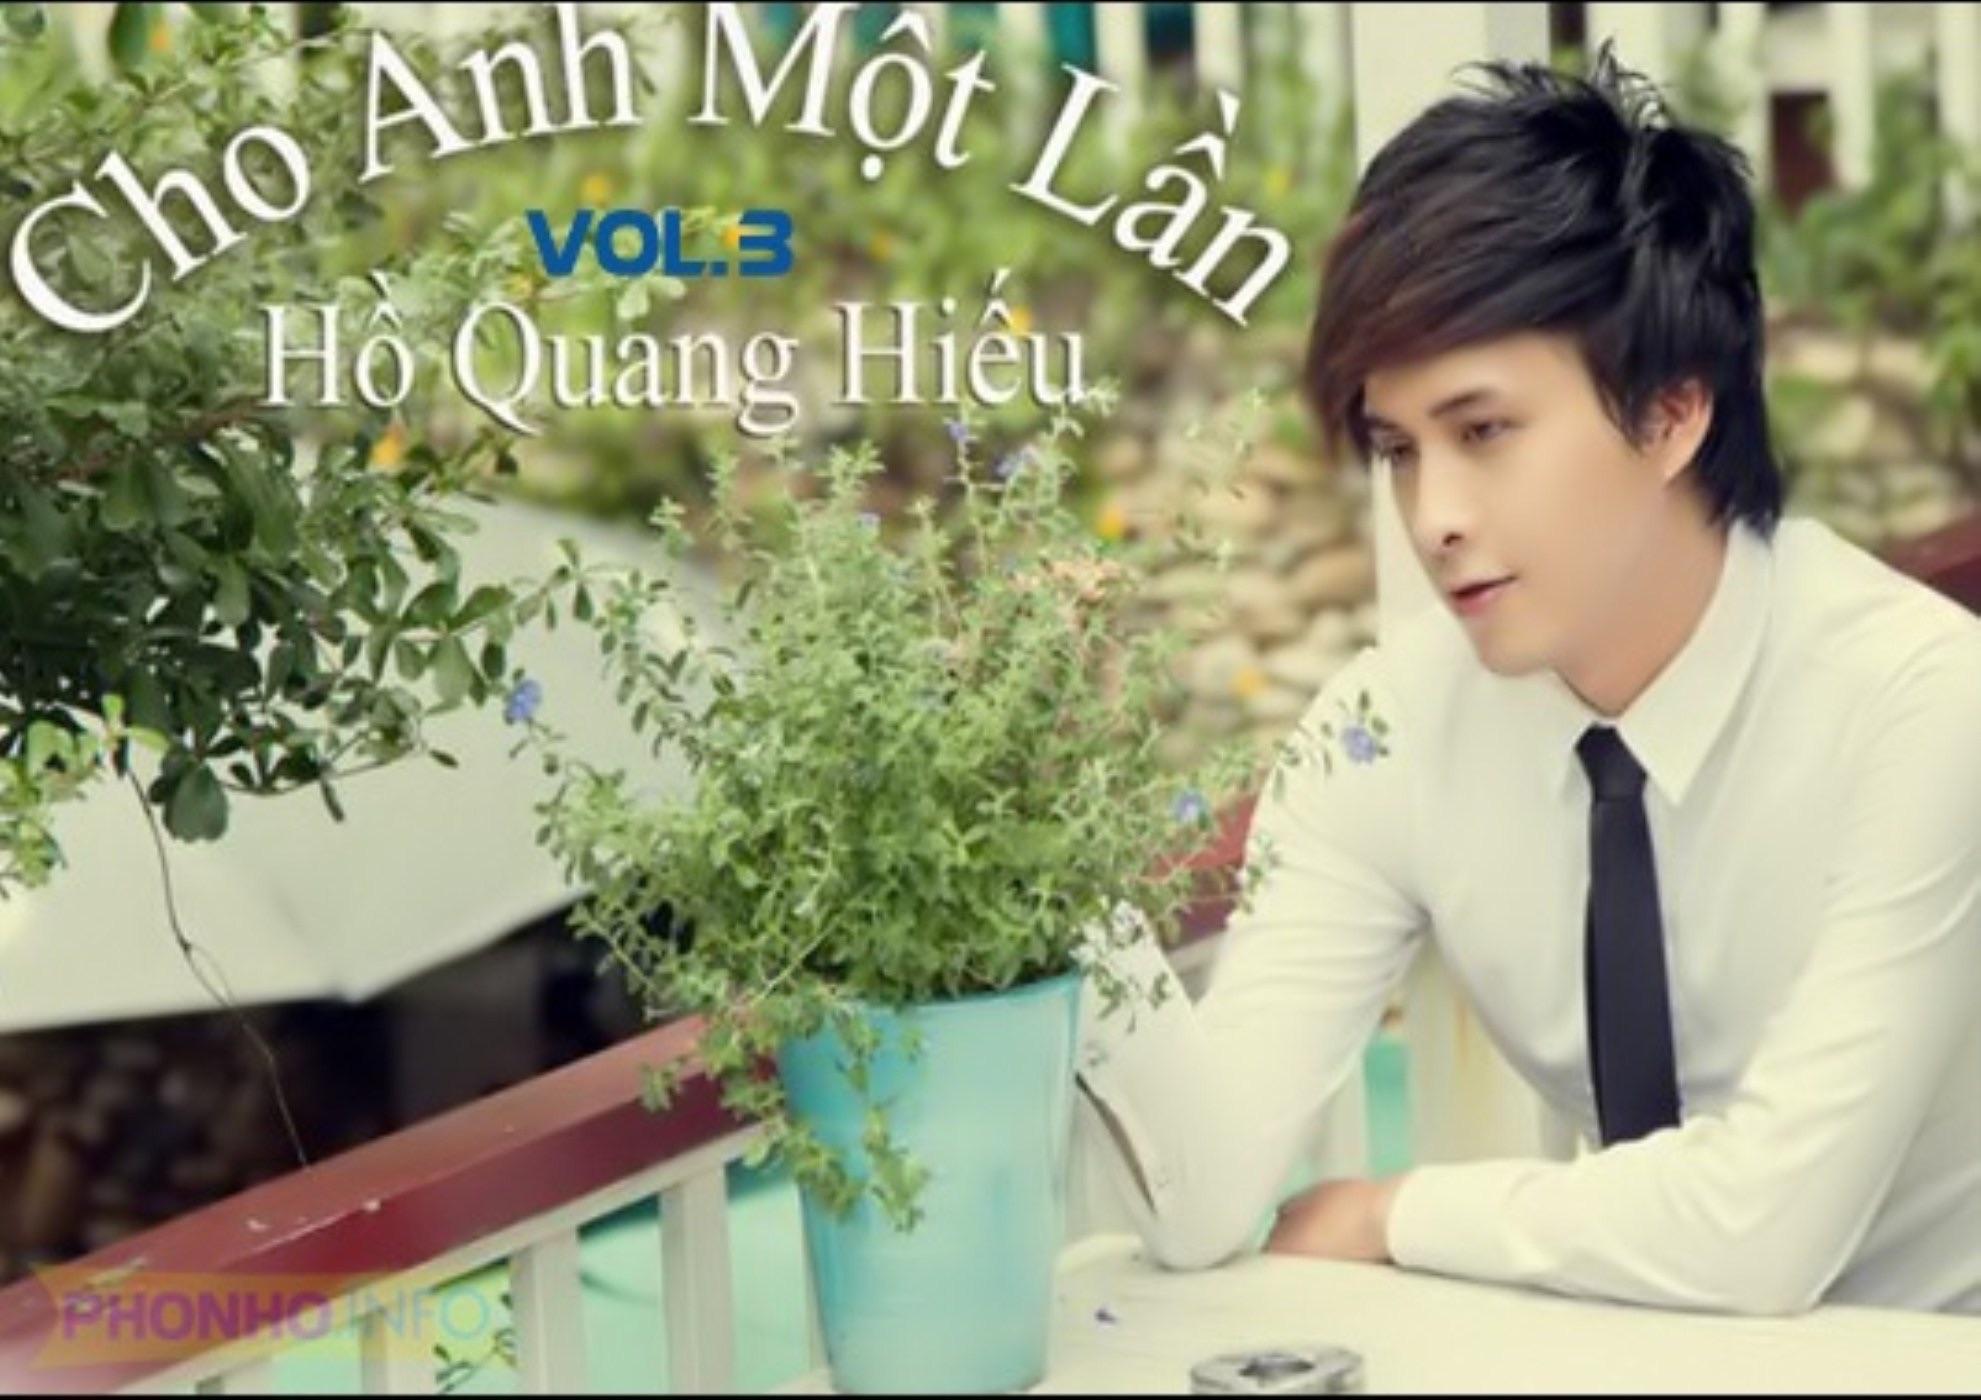 Cho Anh Mot Lan